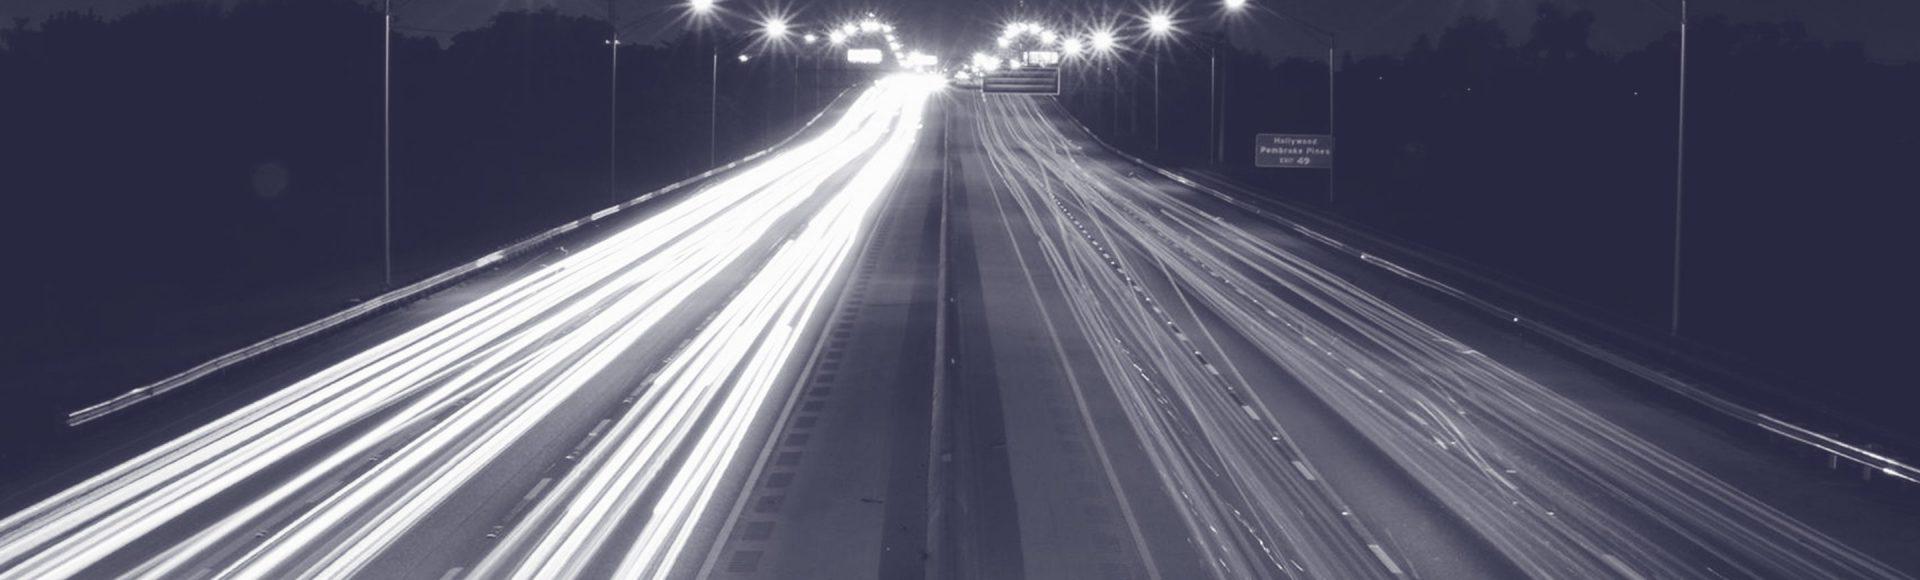 ARK-Invest_Blog-Banner_2014_04_22---Autonomous-Cars